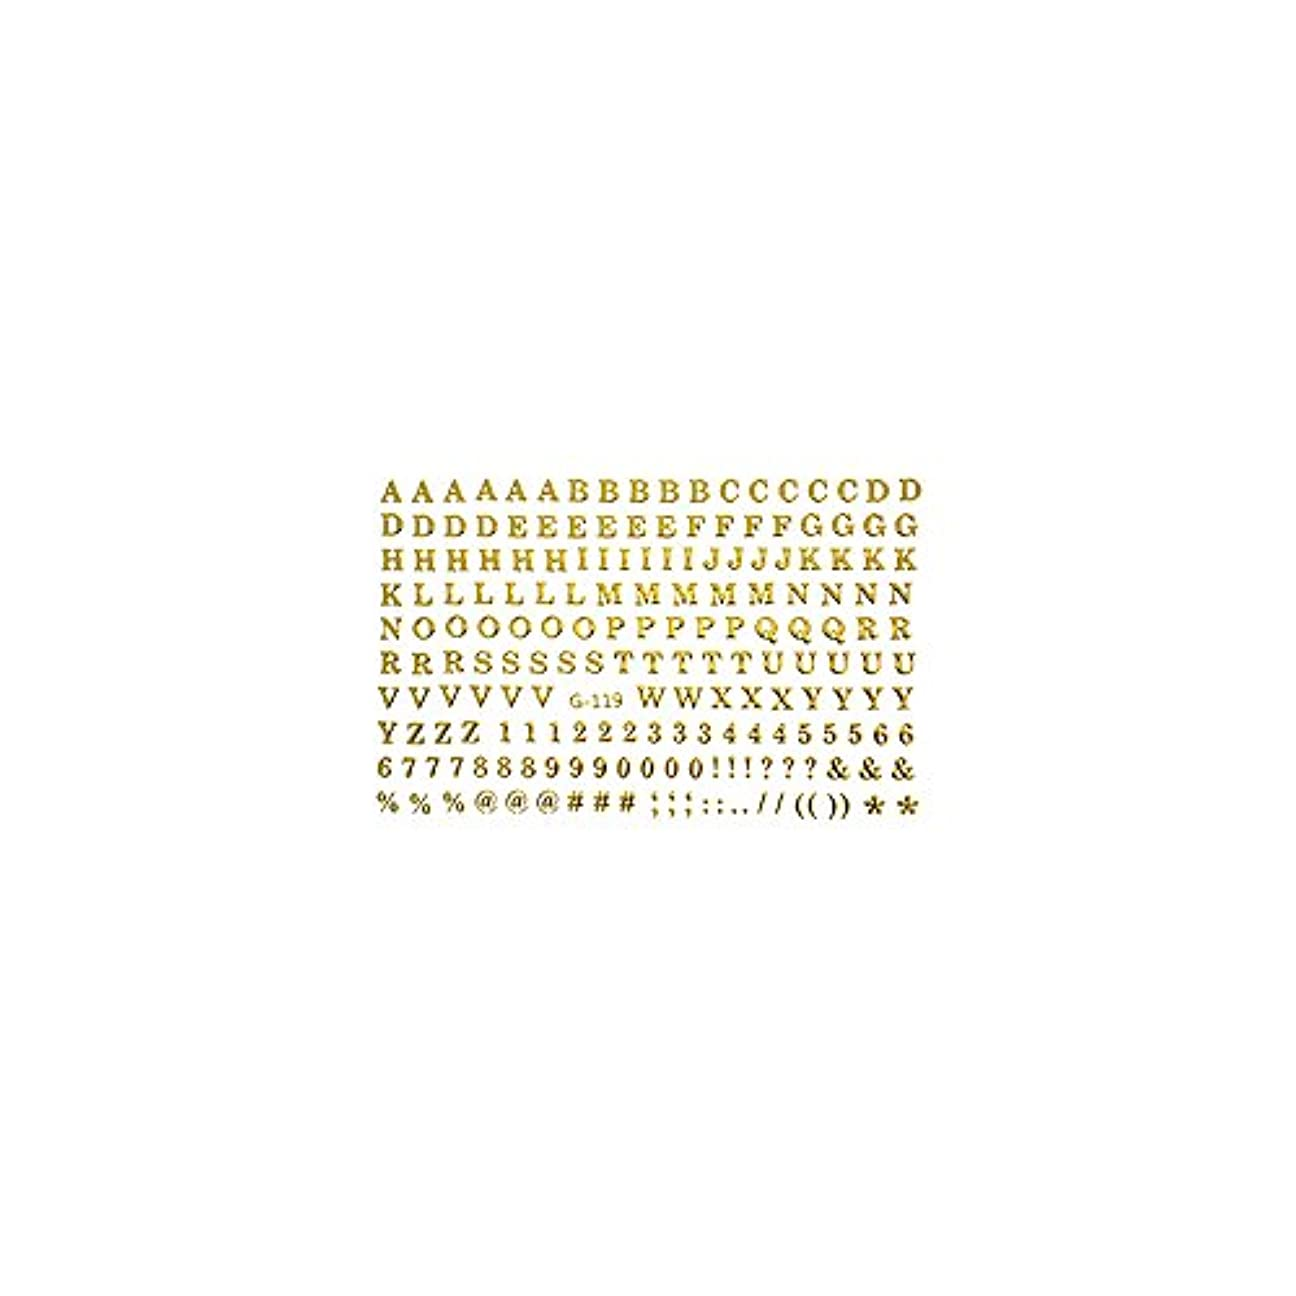 ペンフレンド情熱ヶ月目【G-119】ミニアルファベット&ナンバーシール